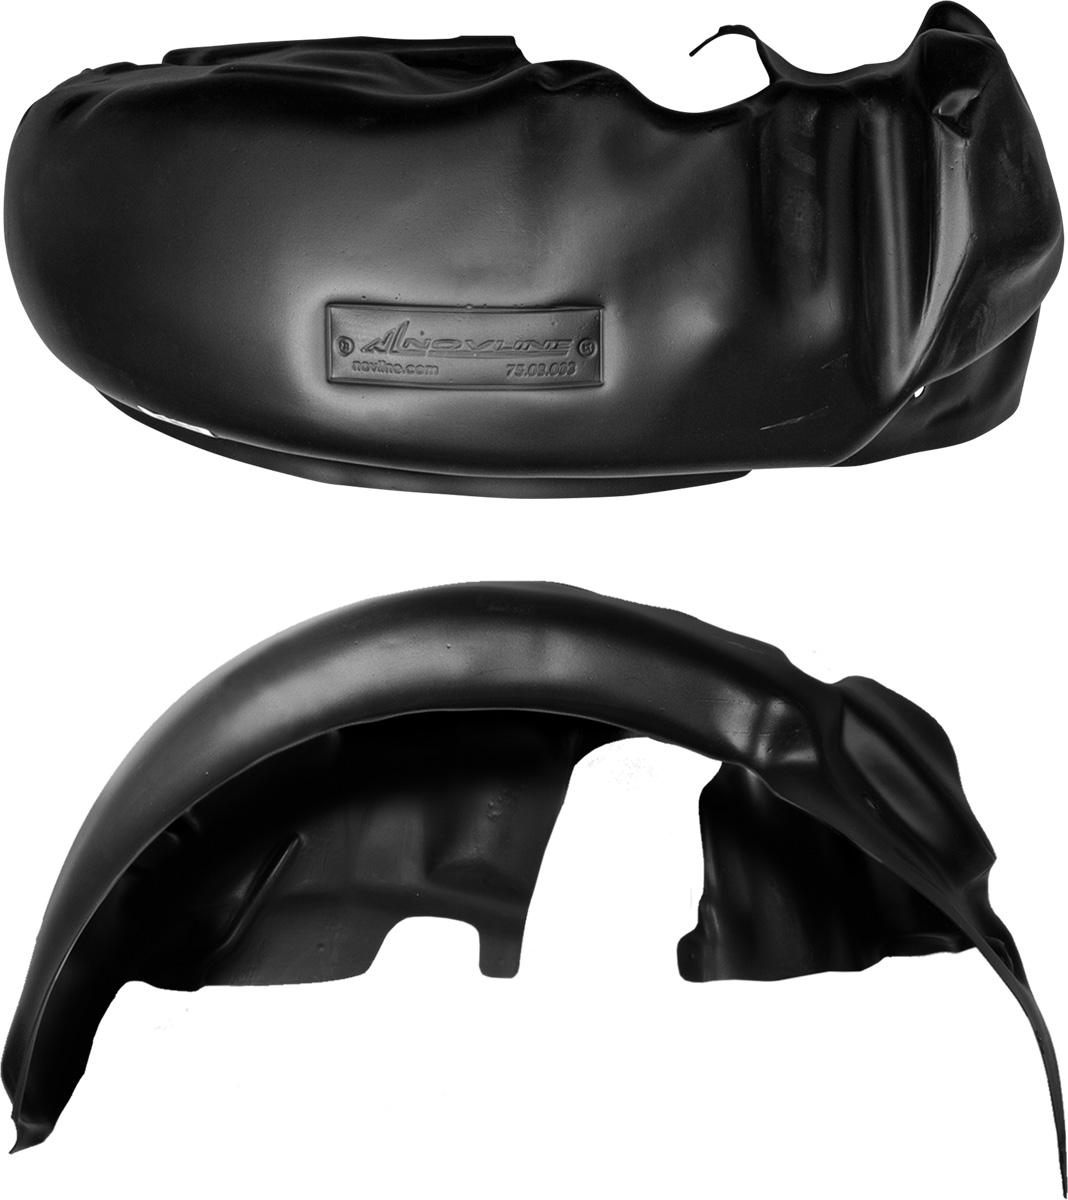 Подкрылок Novline-Autofamily, для Geely Emgrand EC7, 2011->, задний правыйNLL.75.05.004Колесные ниши - одни из самых уязвимых зон днища вашего автомобиля. Они постоянно подвергаются воздействию со стороны дороги. Лучшая, почти абсолютная защита для них - специально отформованные пластиковые кожухи, которые называются подкрылками. Производятся они как для отечественных моделей автомобилей, так и для иномарок. Подкрылки Novline-Autofamily выполнены из высококачественного, экологически чистого пластика. Обеспечивают надежную защиту кузова автомобиля от пескоструйного эффекта и негативного влияния, агрессивных антигололедных реагентов. Пластик обладает более низкой теплопроводностью, чем металл, поэтому в зимний период эксплуатации использование пластиковых подкрылков позволяет лучше защитить колесные ниши от налипания снега и образования наледи. Оригинальность конструкции подчеркивает элегантность автомобиля, бережно защищает нанесенное на днище кузова антикоррозийное покрытие и позволяет осуществить крепление подкрылков внутри колесной арки практически без...